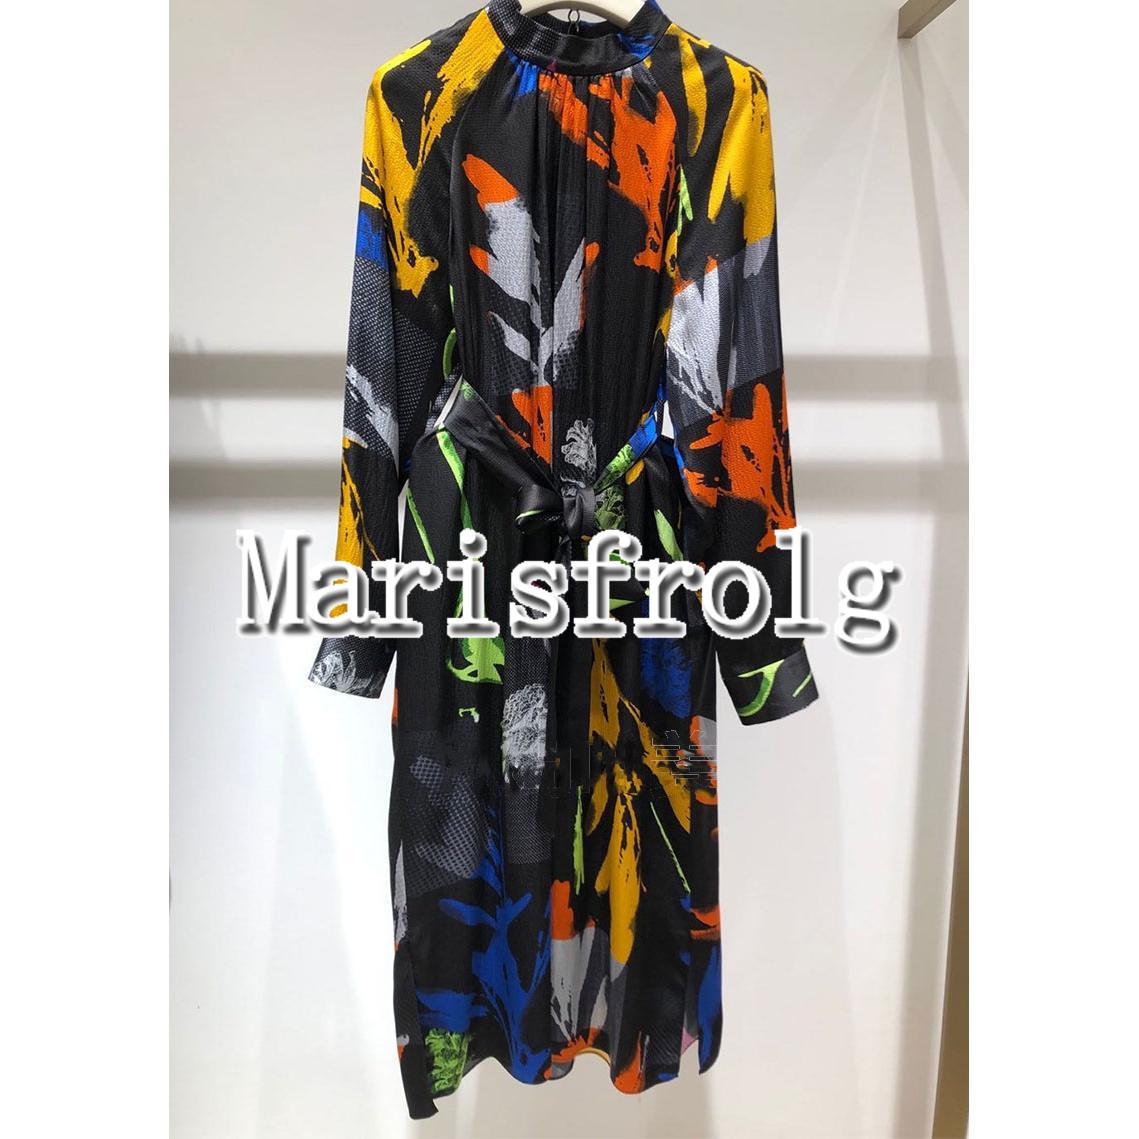 玛丝菲尔女装折扣 国内代购 玛丝菲尔2020夏季新款专柜正品连衣裙女A1AY12266原4680_推荐淘宝好看的玛丝菲尔折扣